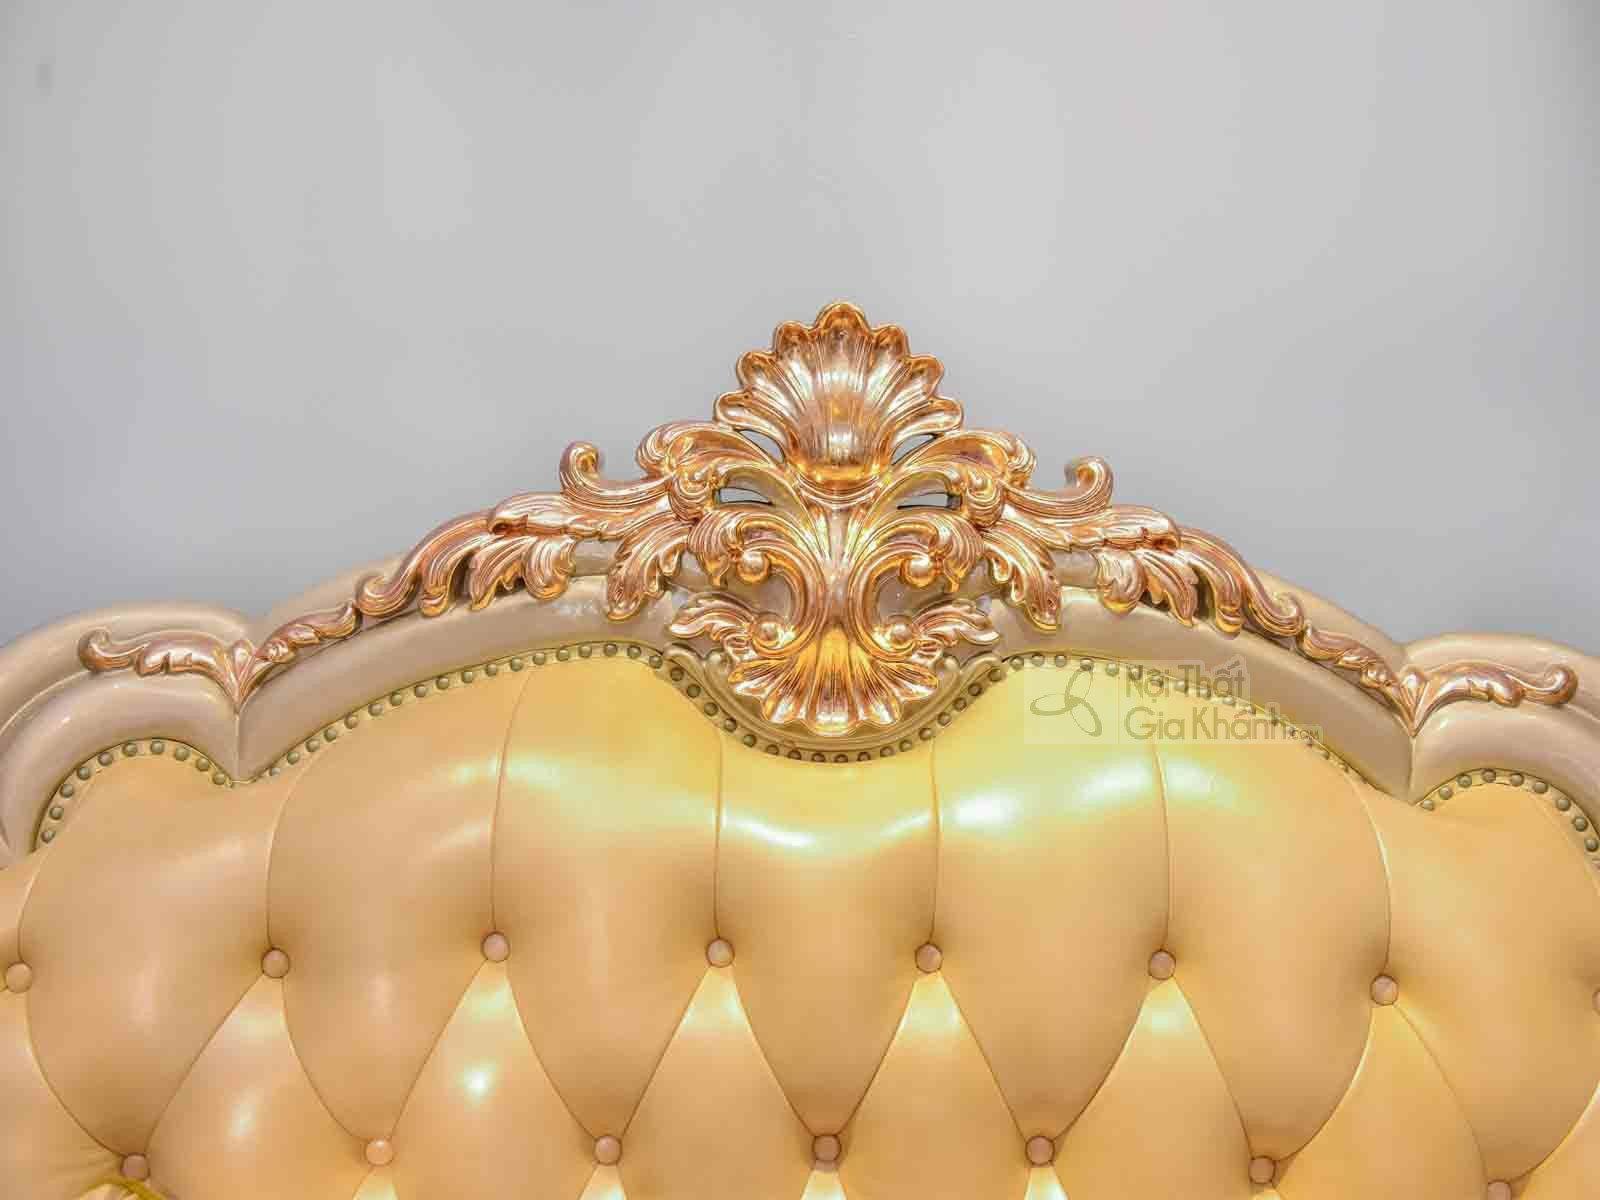 BỘ SOFA TÂN CỔ ĐIỂN ĐẮT GIÁ NHẤT VIỆT NAM - THE DIAMOND KING - the diamond kin bo noi that dat gia nhat the gioi 10